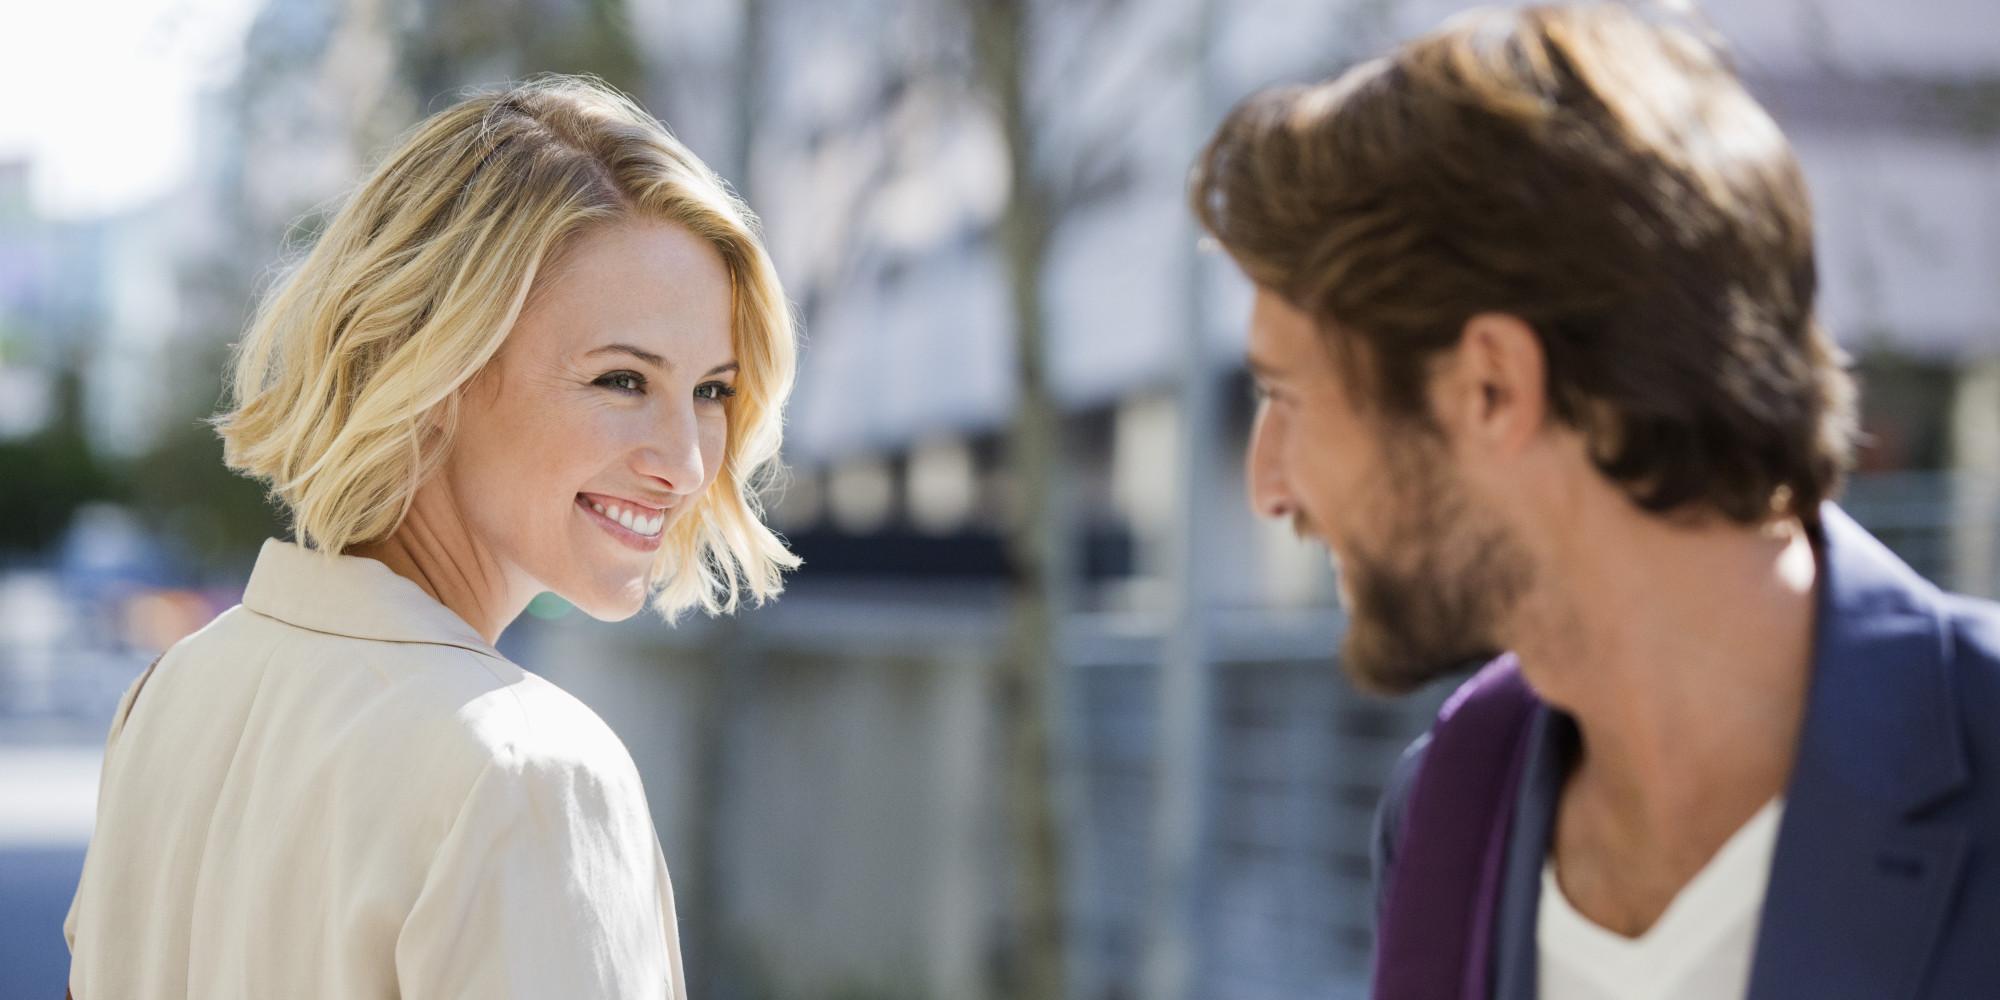 Как разобраться в своих чувствах к мужчине?